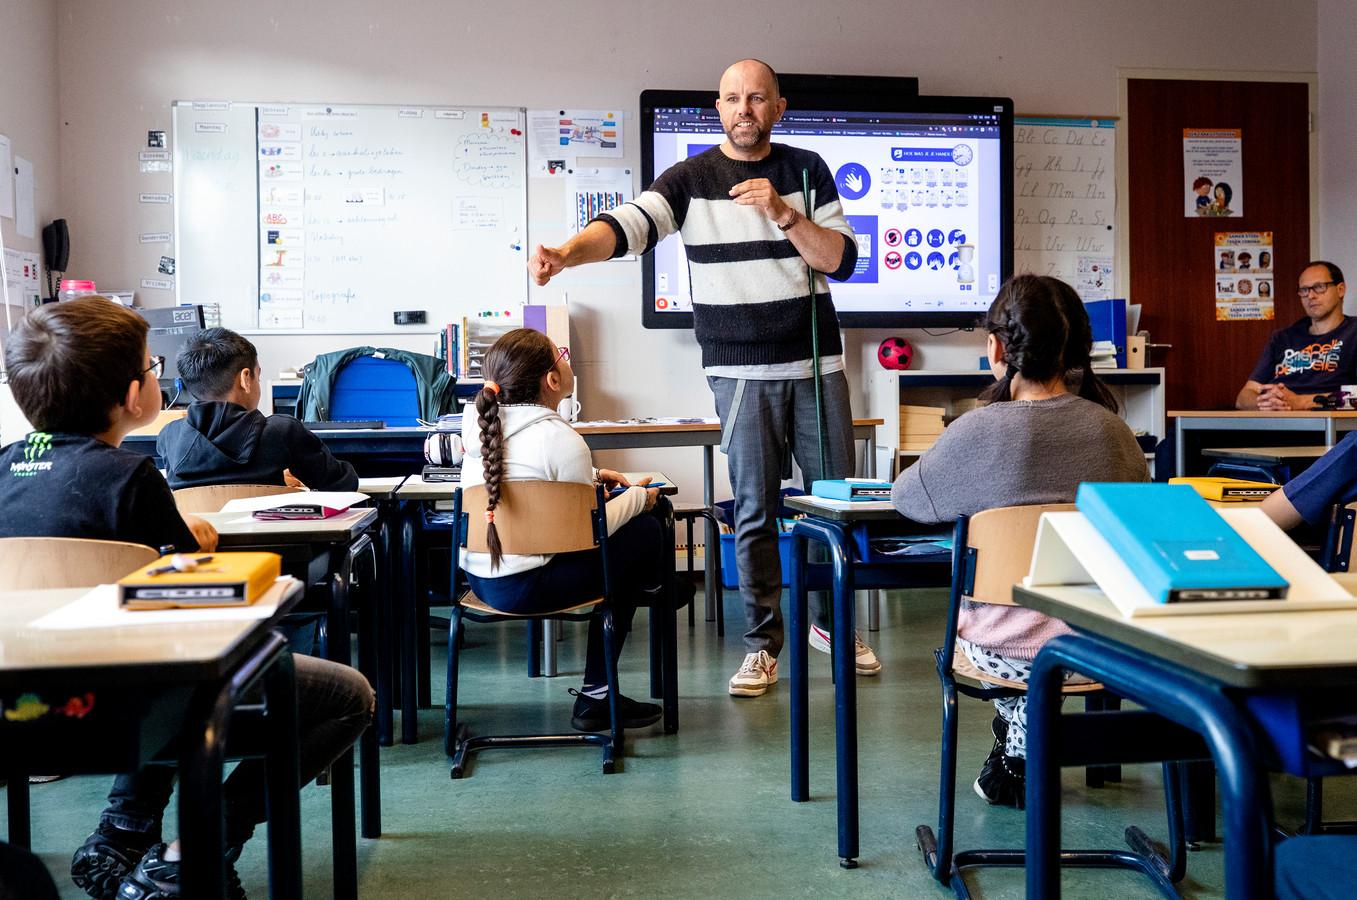 Een leraar laat in de klas aan basisschoolleerlingen zien wat de coronamaatregelen zijn. Doordat veel leraren zich ziek moeten melden, is er veel lesuitval.